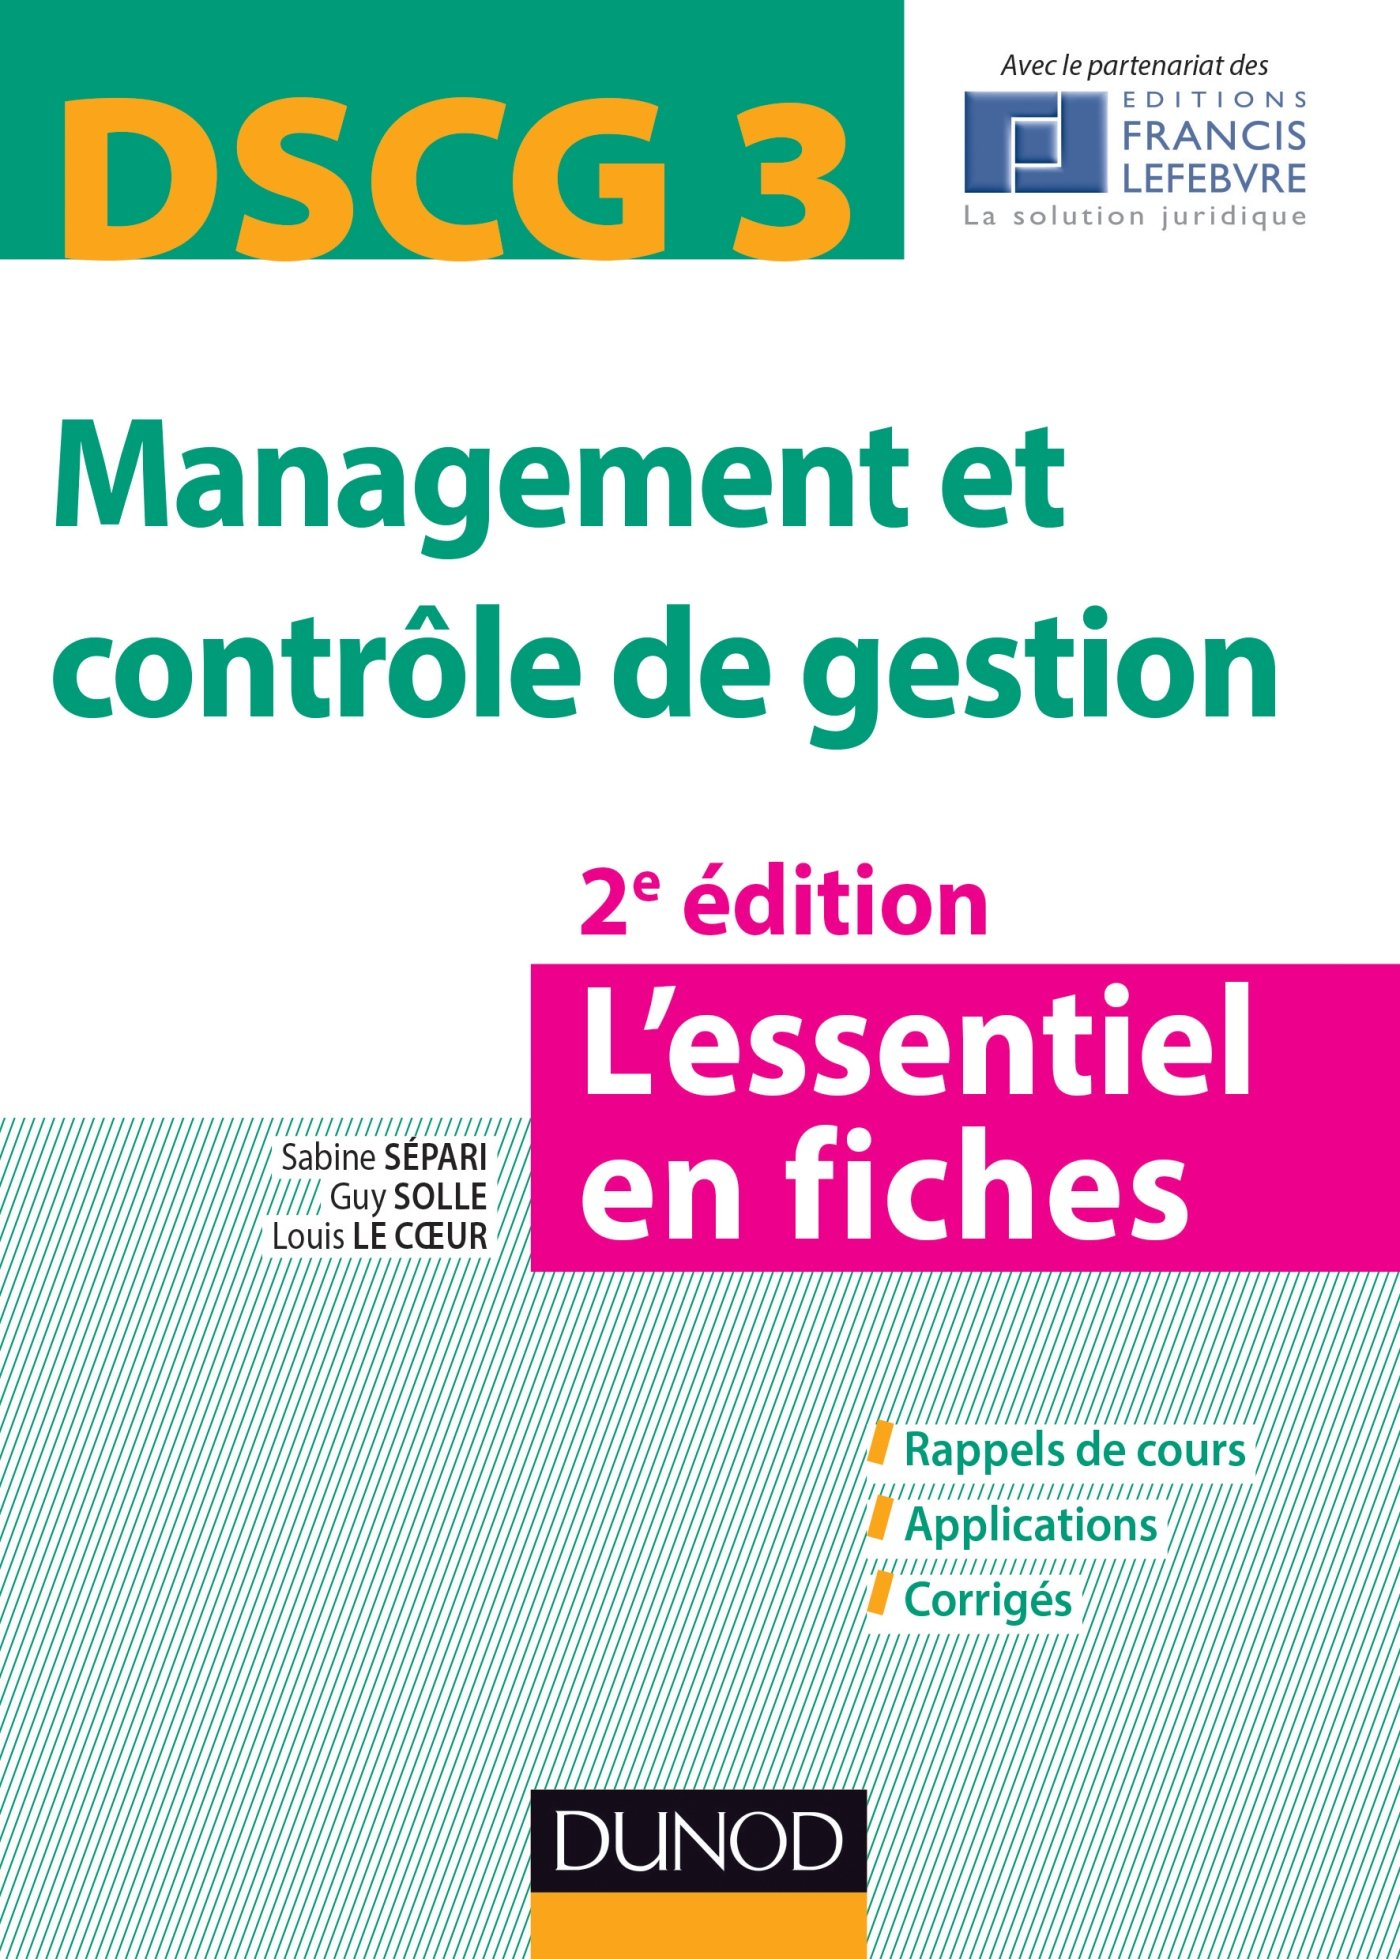 DSCG 3 - Management et contrôle de gestion : L'essentiel en fiches